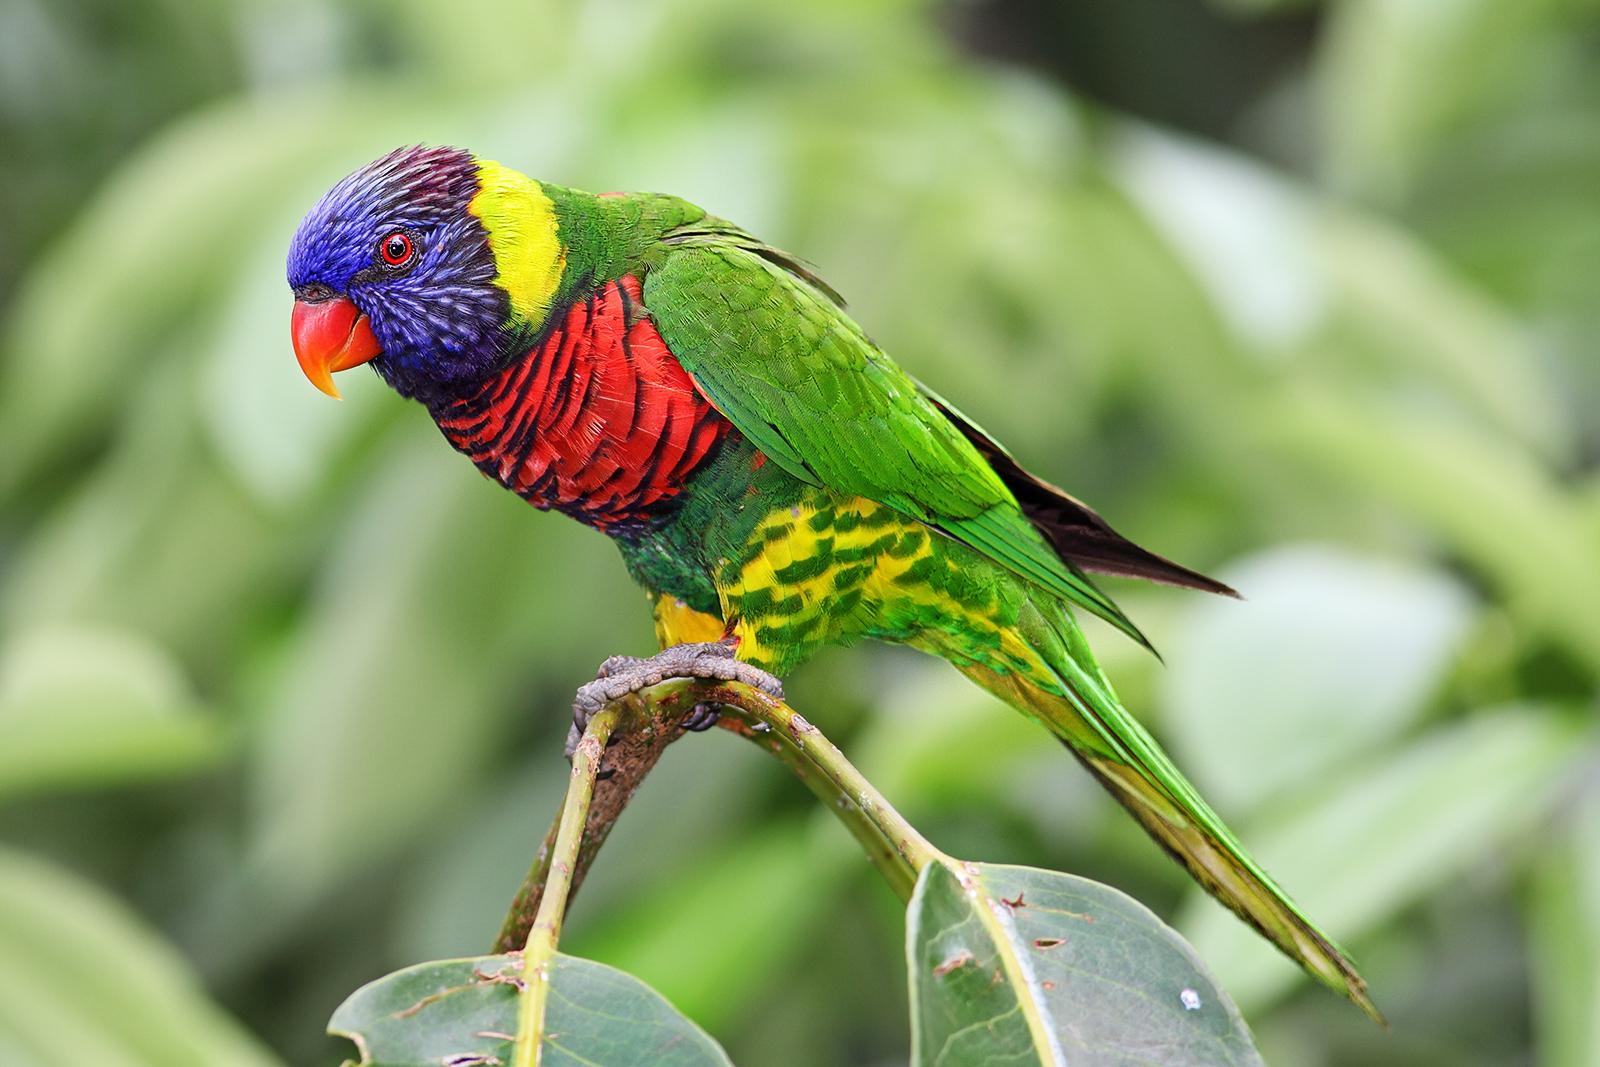 Rainbow lorikeet - Wikipedia